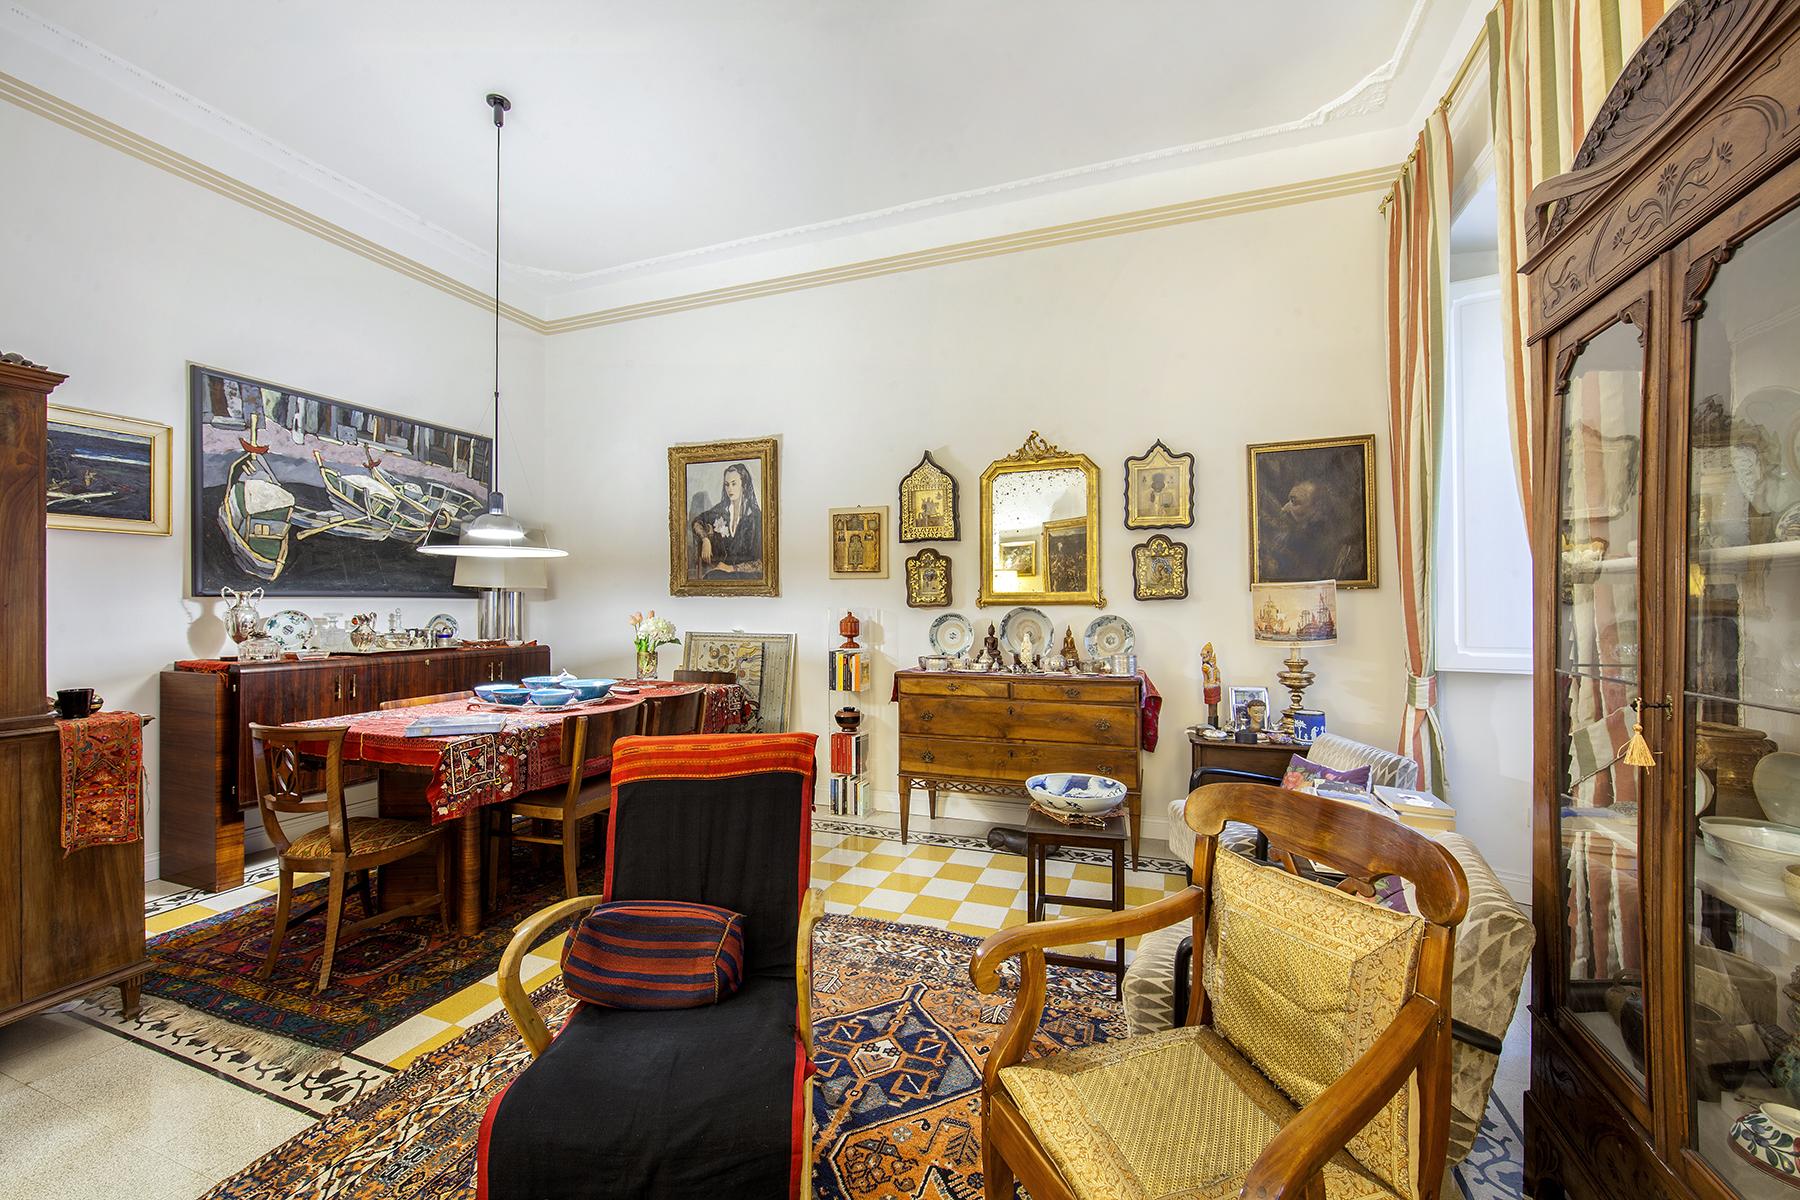 Appartamento di lusso in vendita a roma piazza sallustio for Affitto appartamento barberini roma